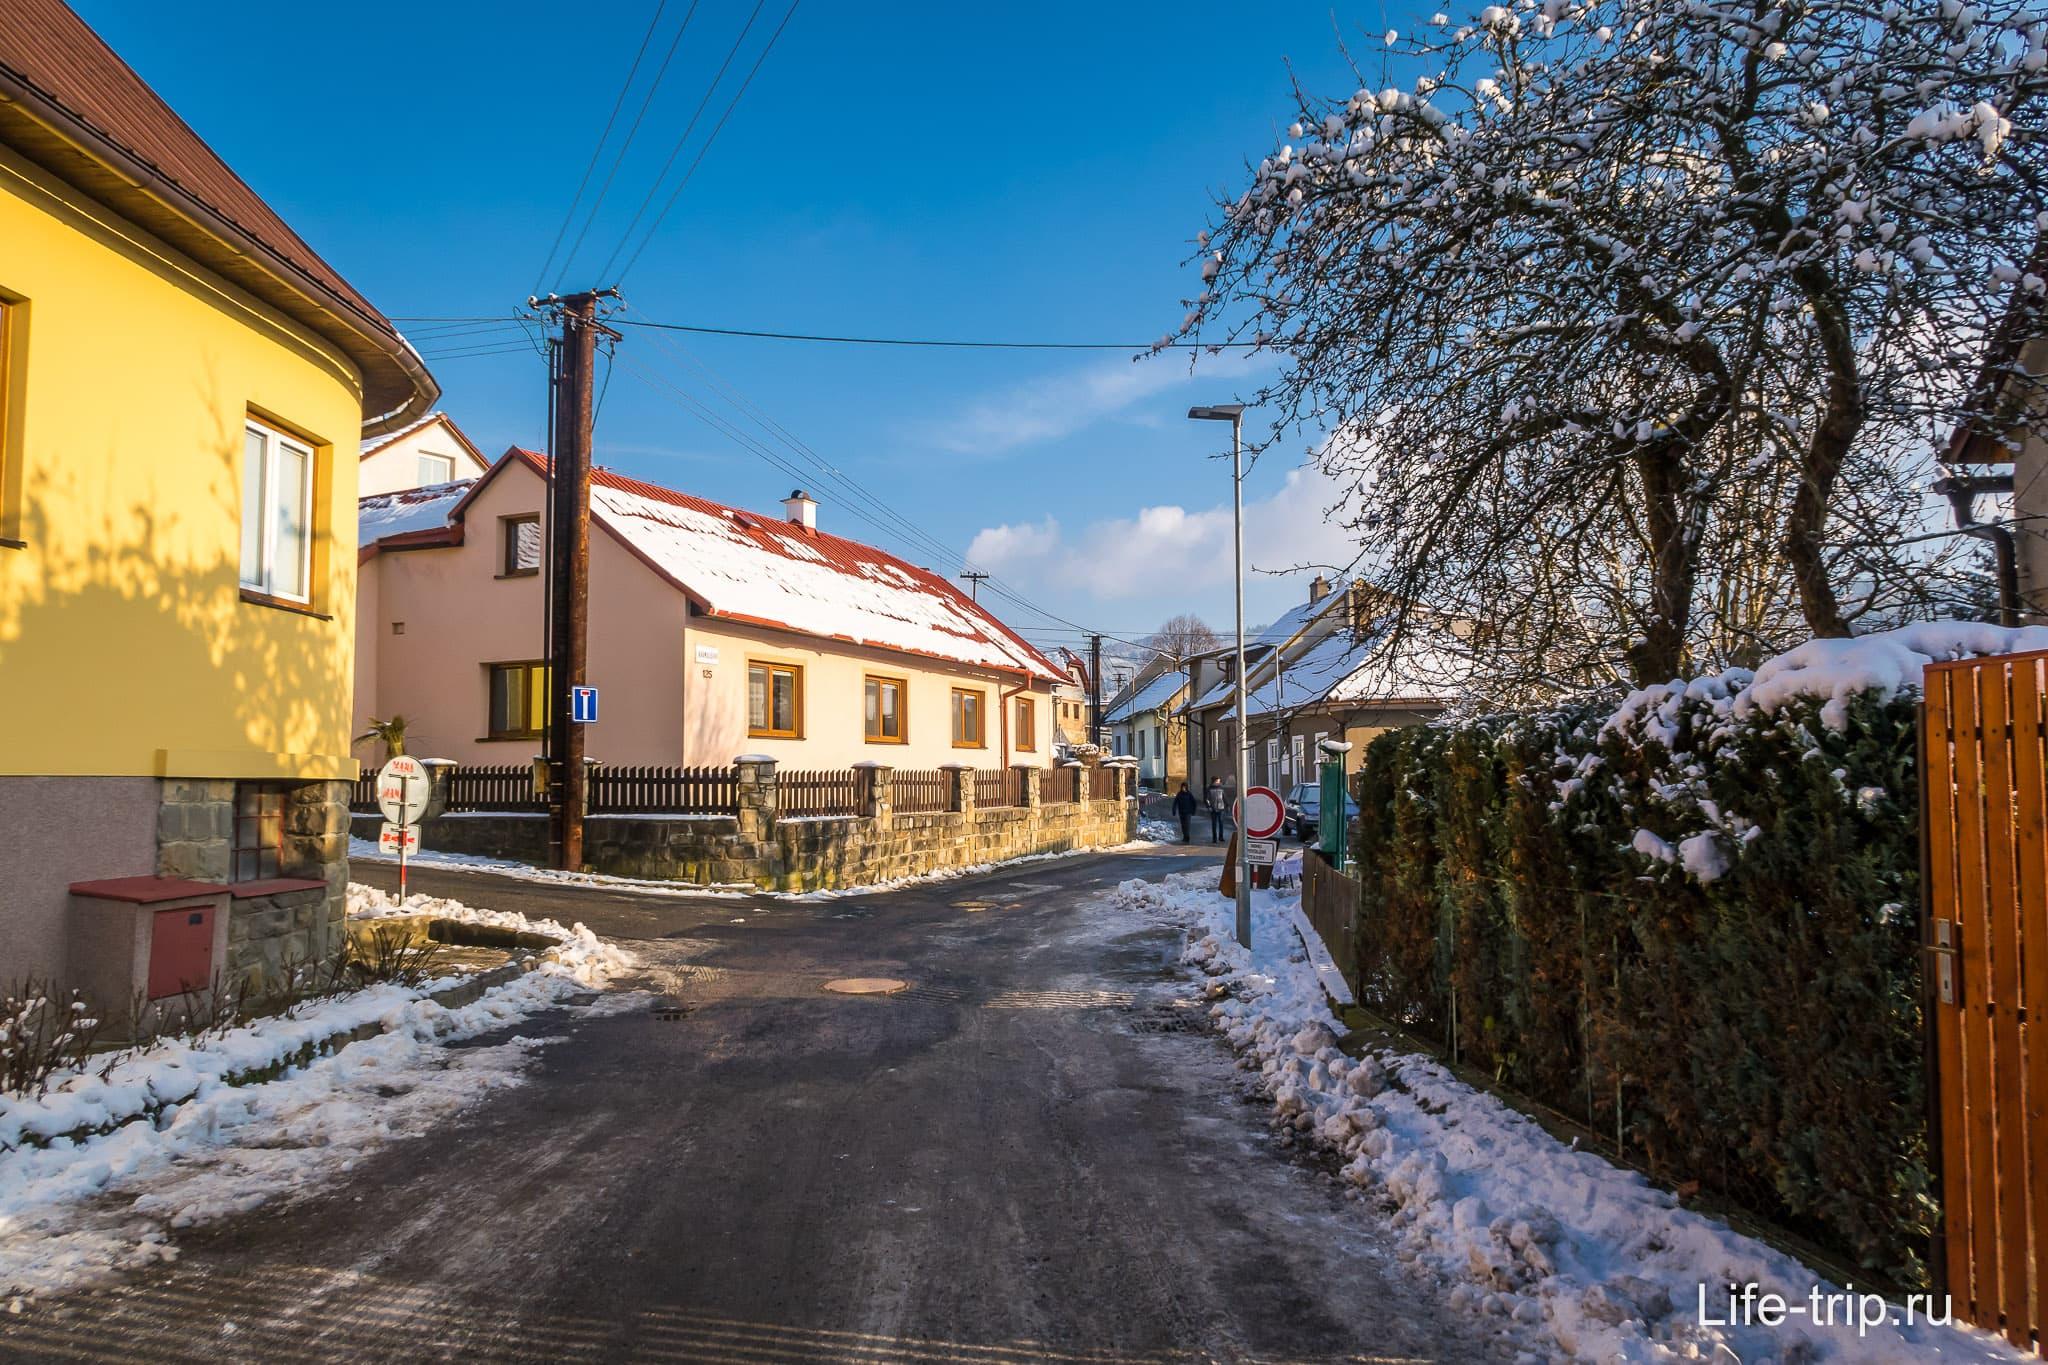 Провинции чехии купить дом за криптовалюту в Рас-Аль-Хайма Далма